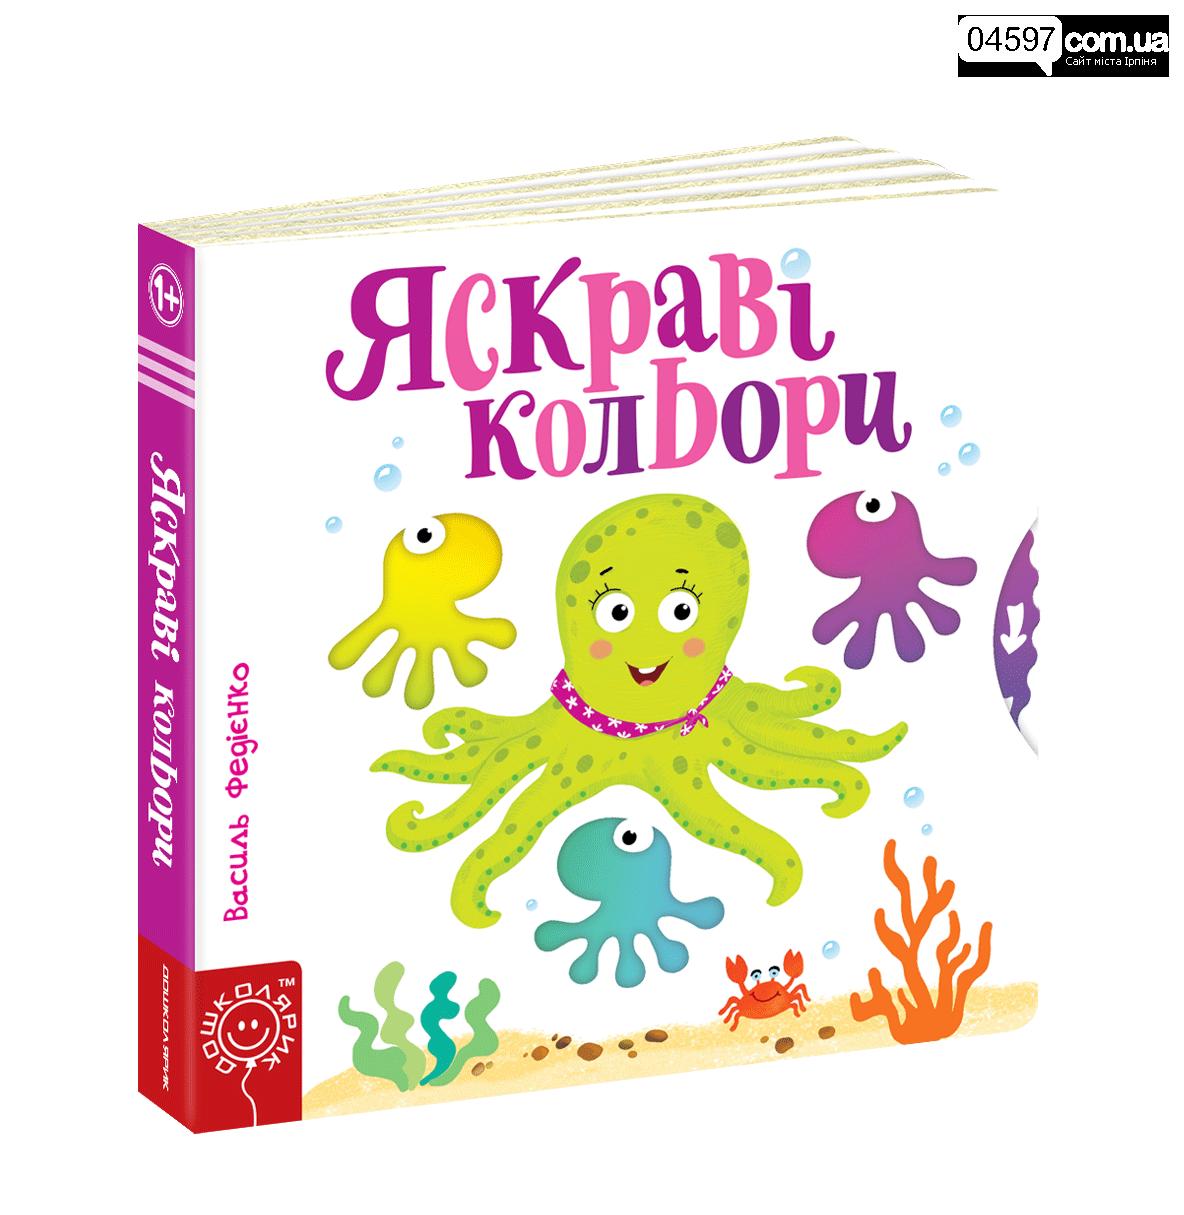 Дитяча книжка Яскраві кольори, фото-1